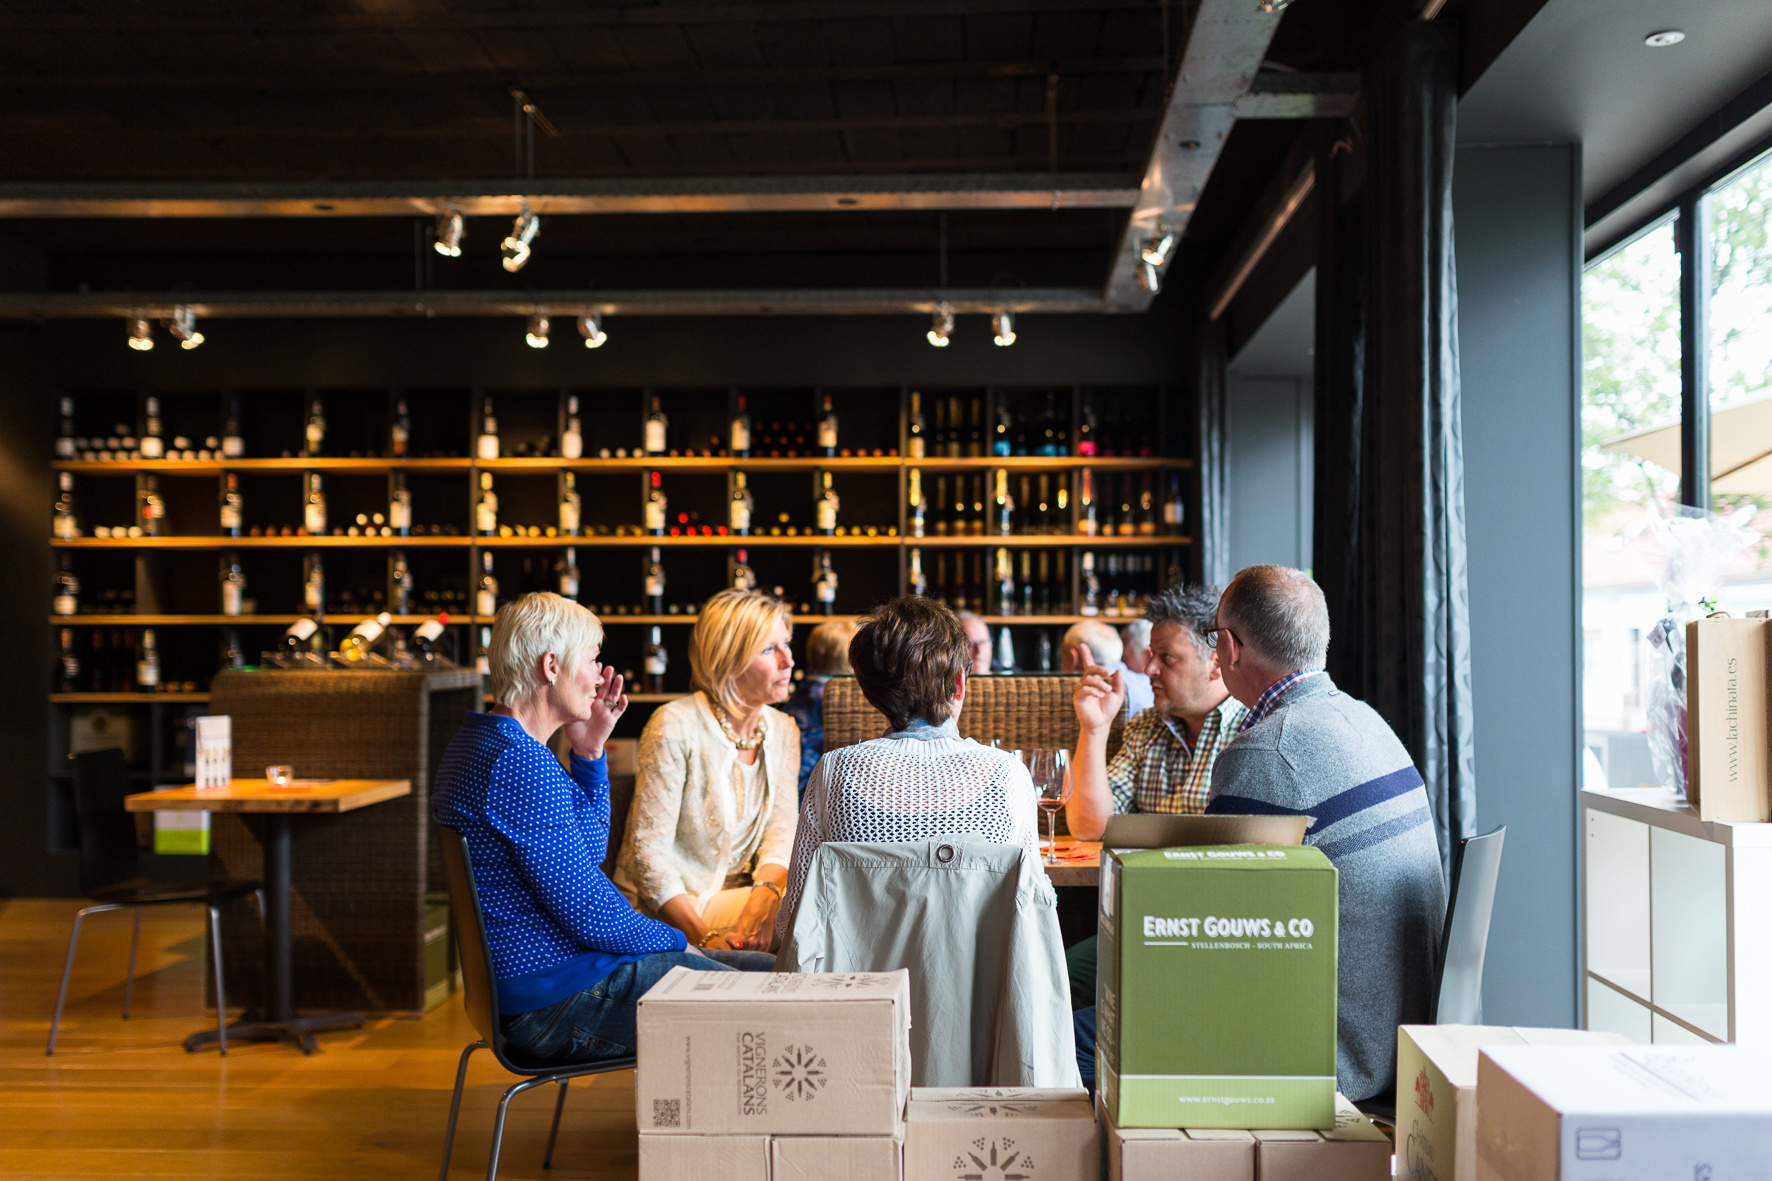 wijnen kopen en proeven